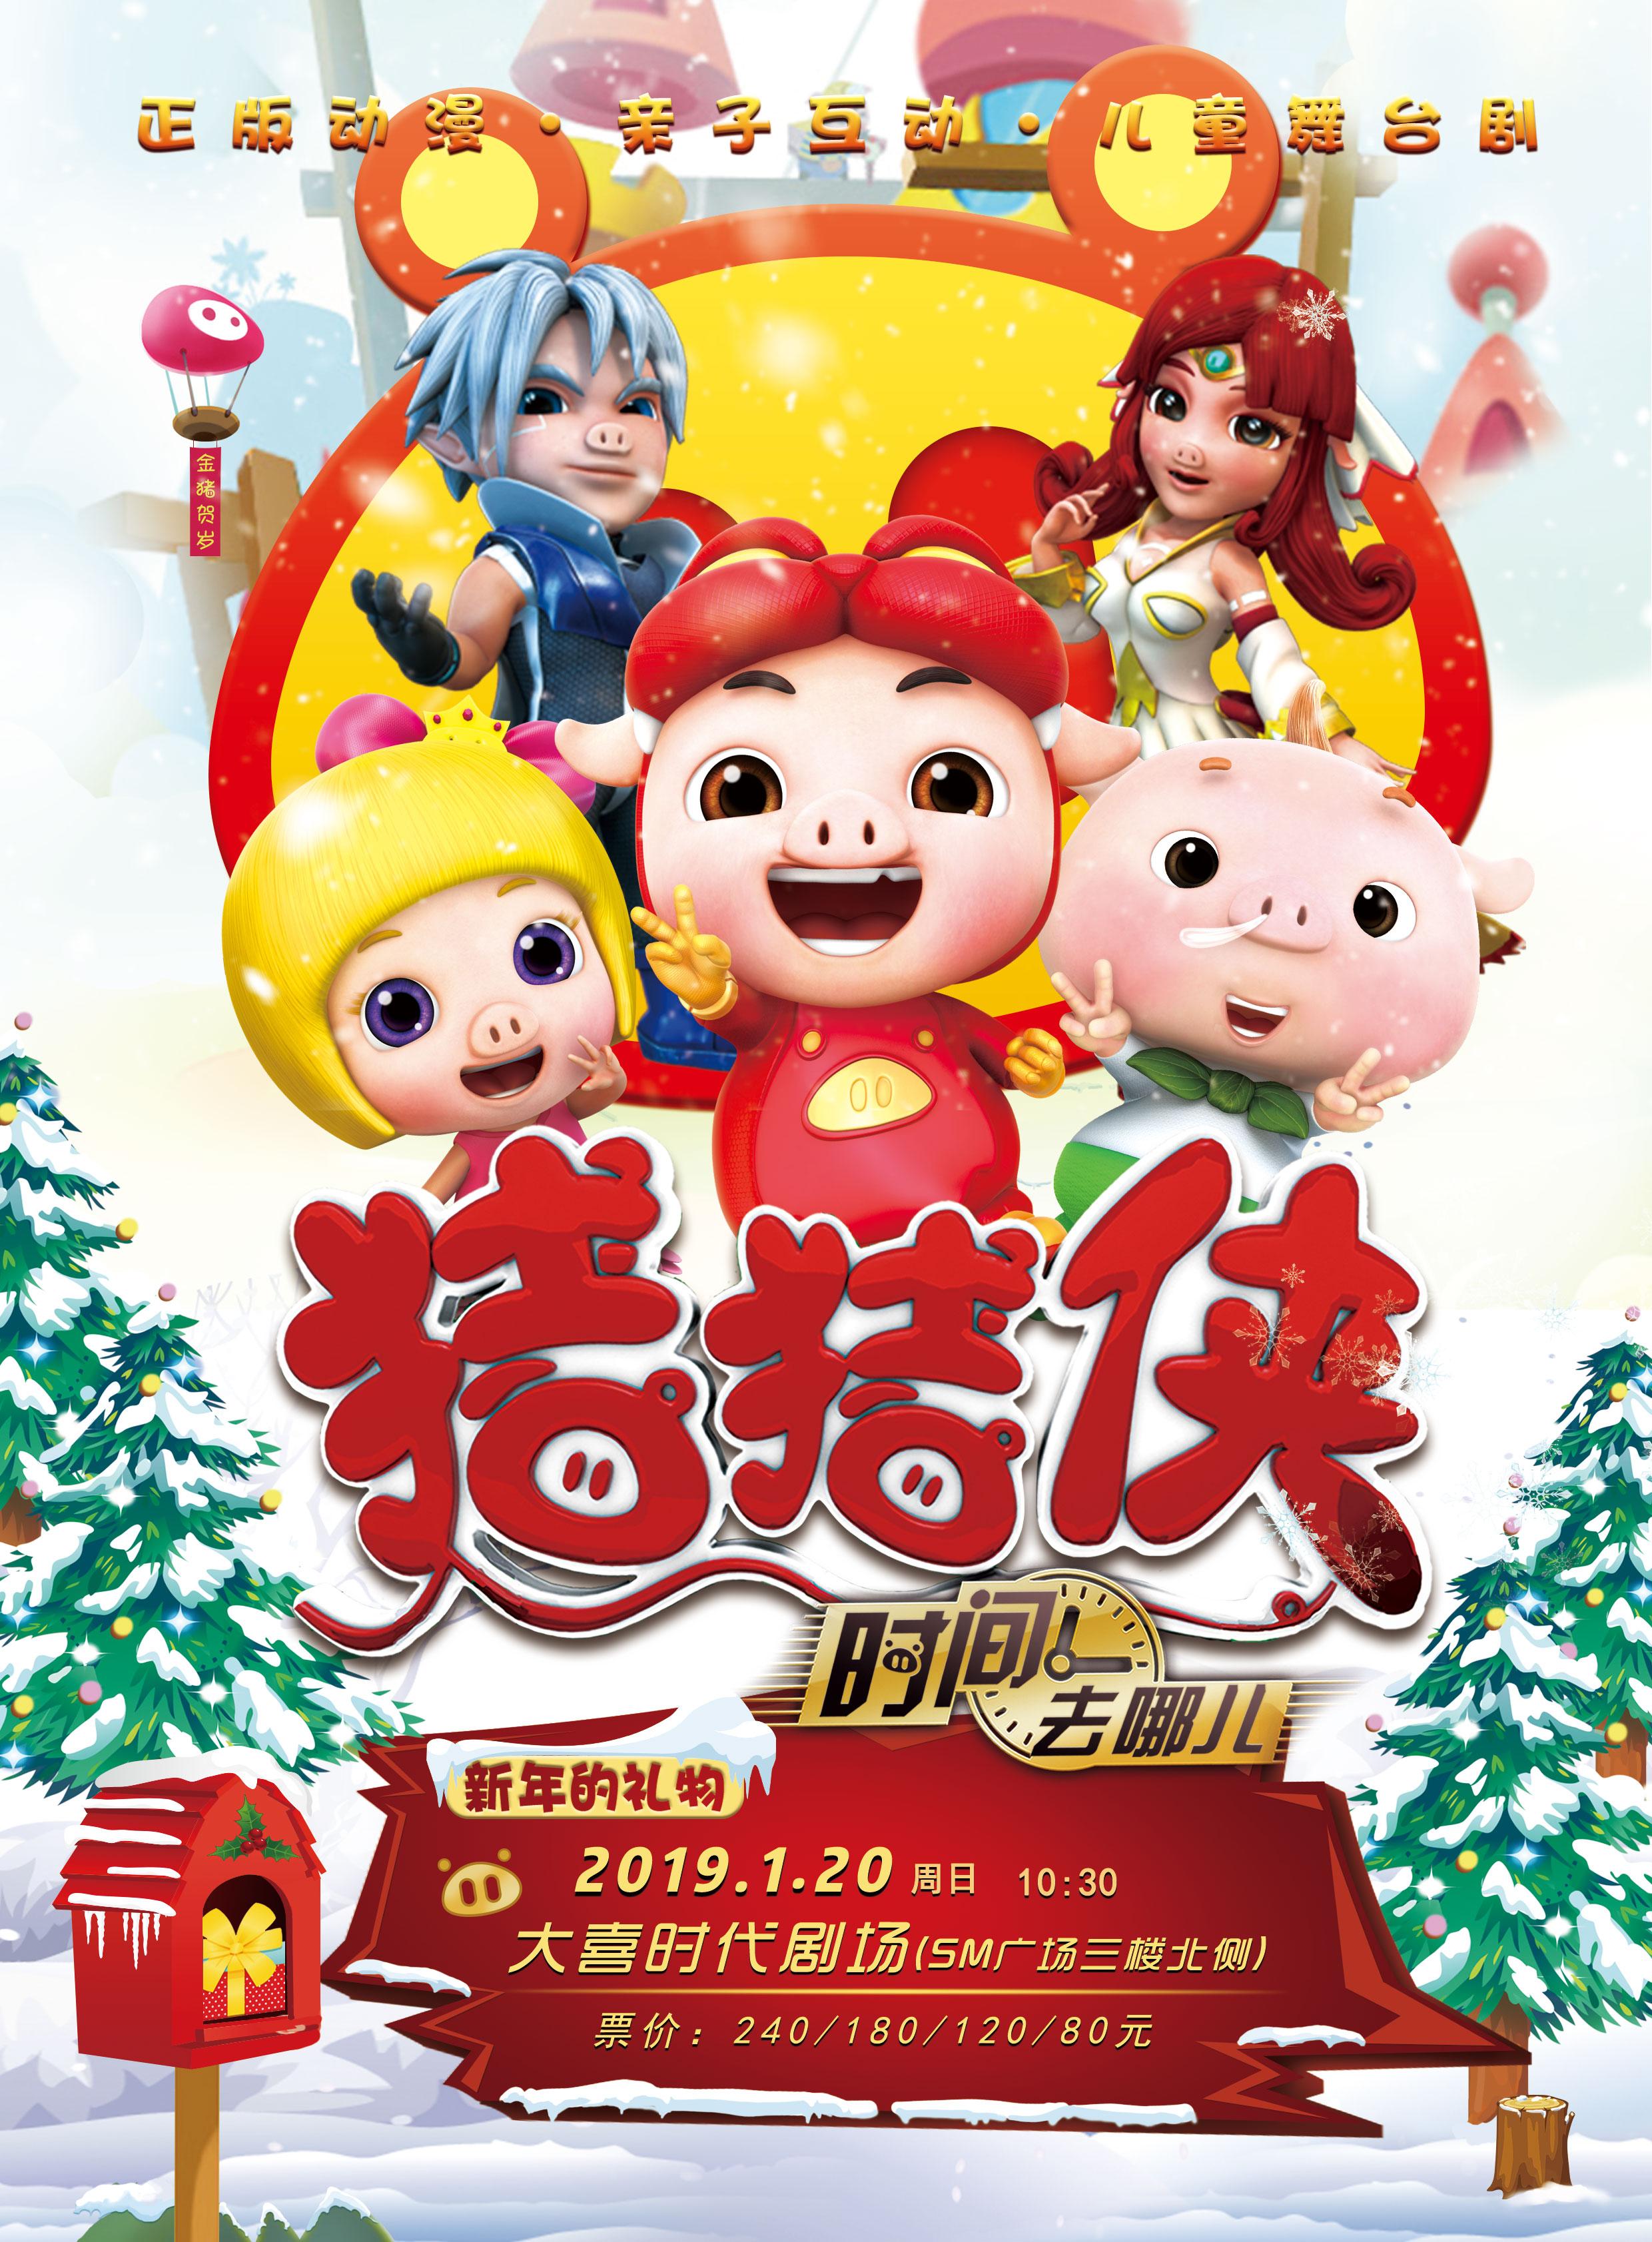 猪年大吉|2019正版动漫IP 亲情舞台剧《猪猪侠之时间去哪儿》